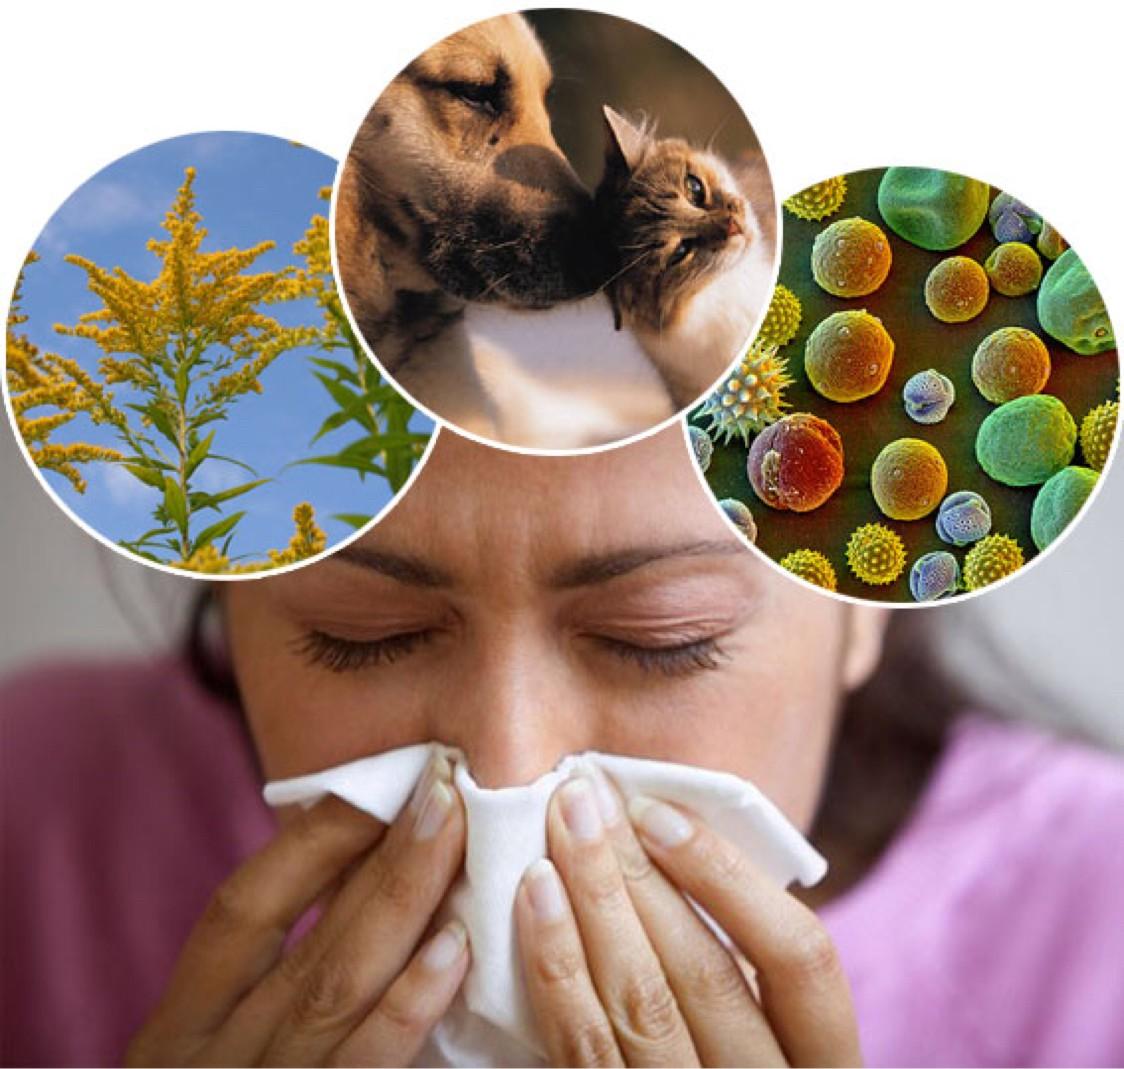 Аллергены, респираторная аллергия у ребенка